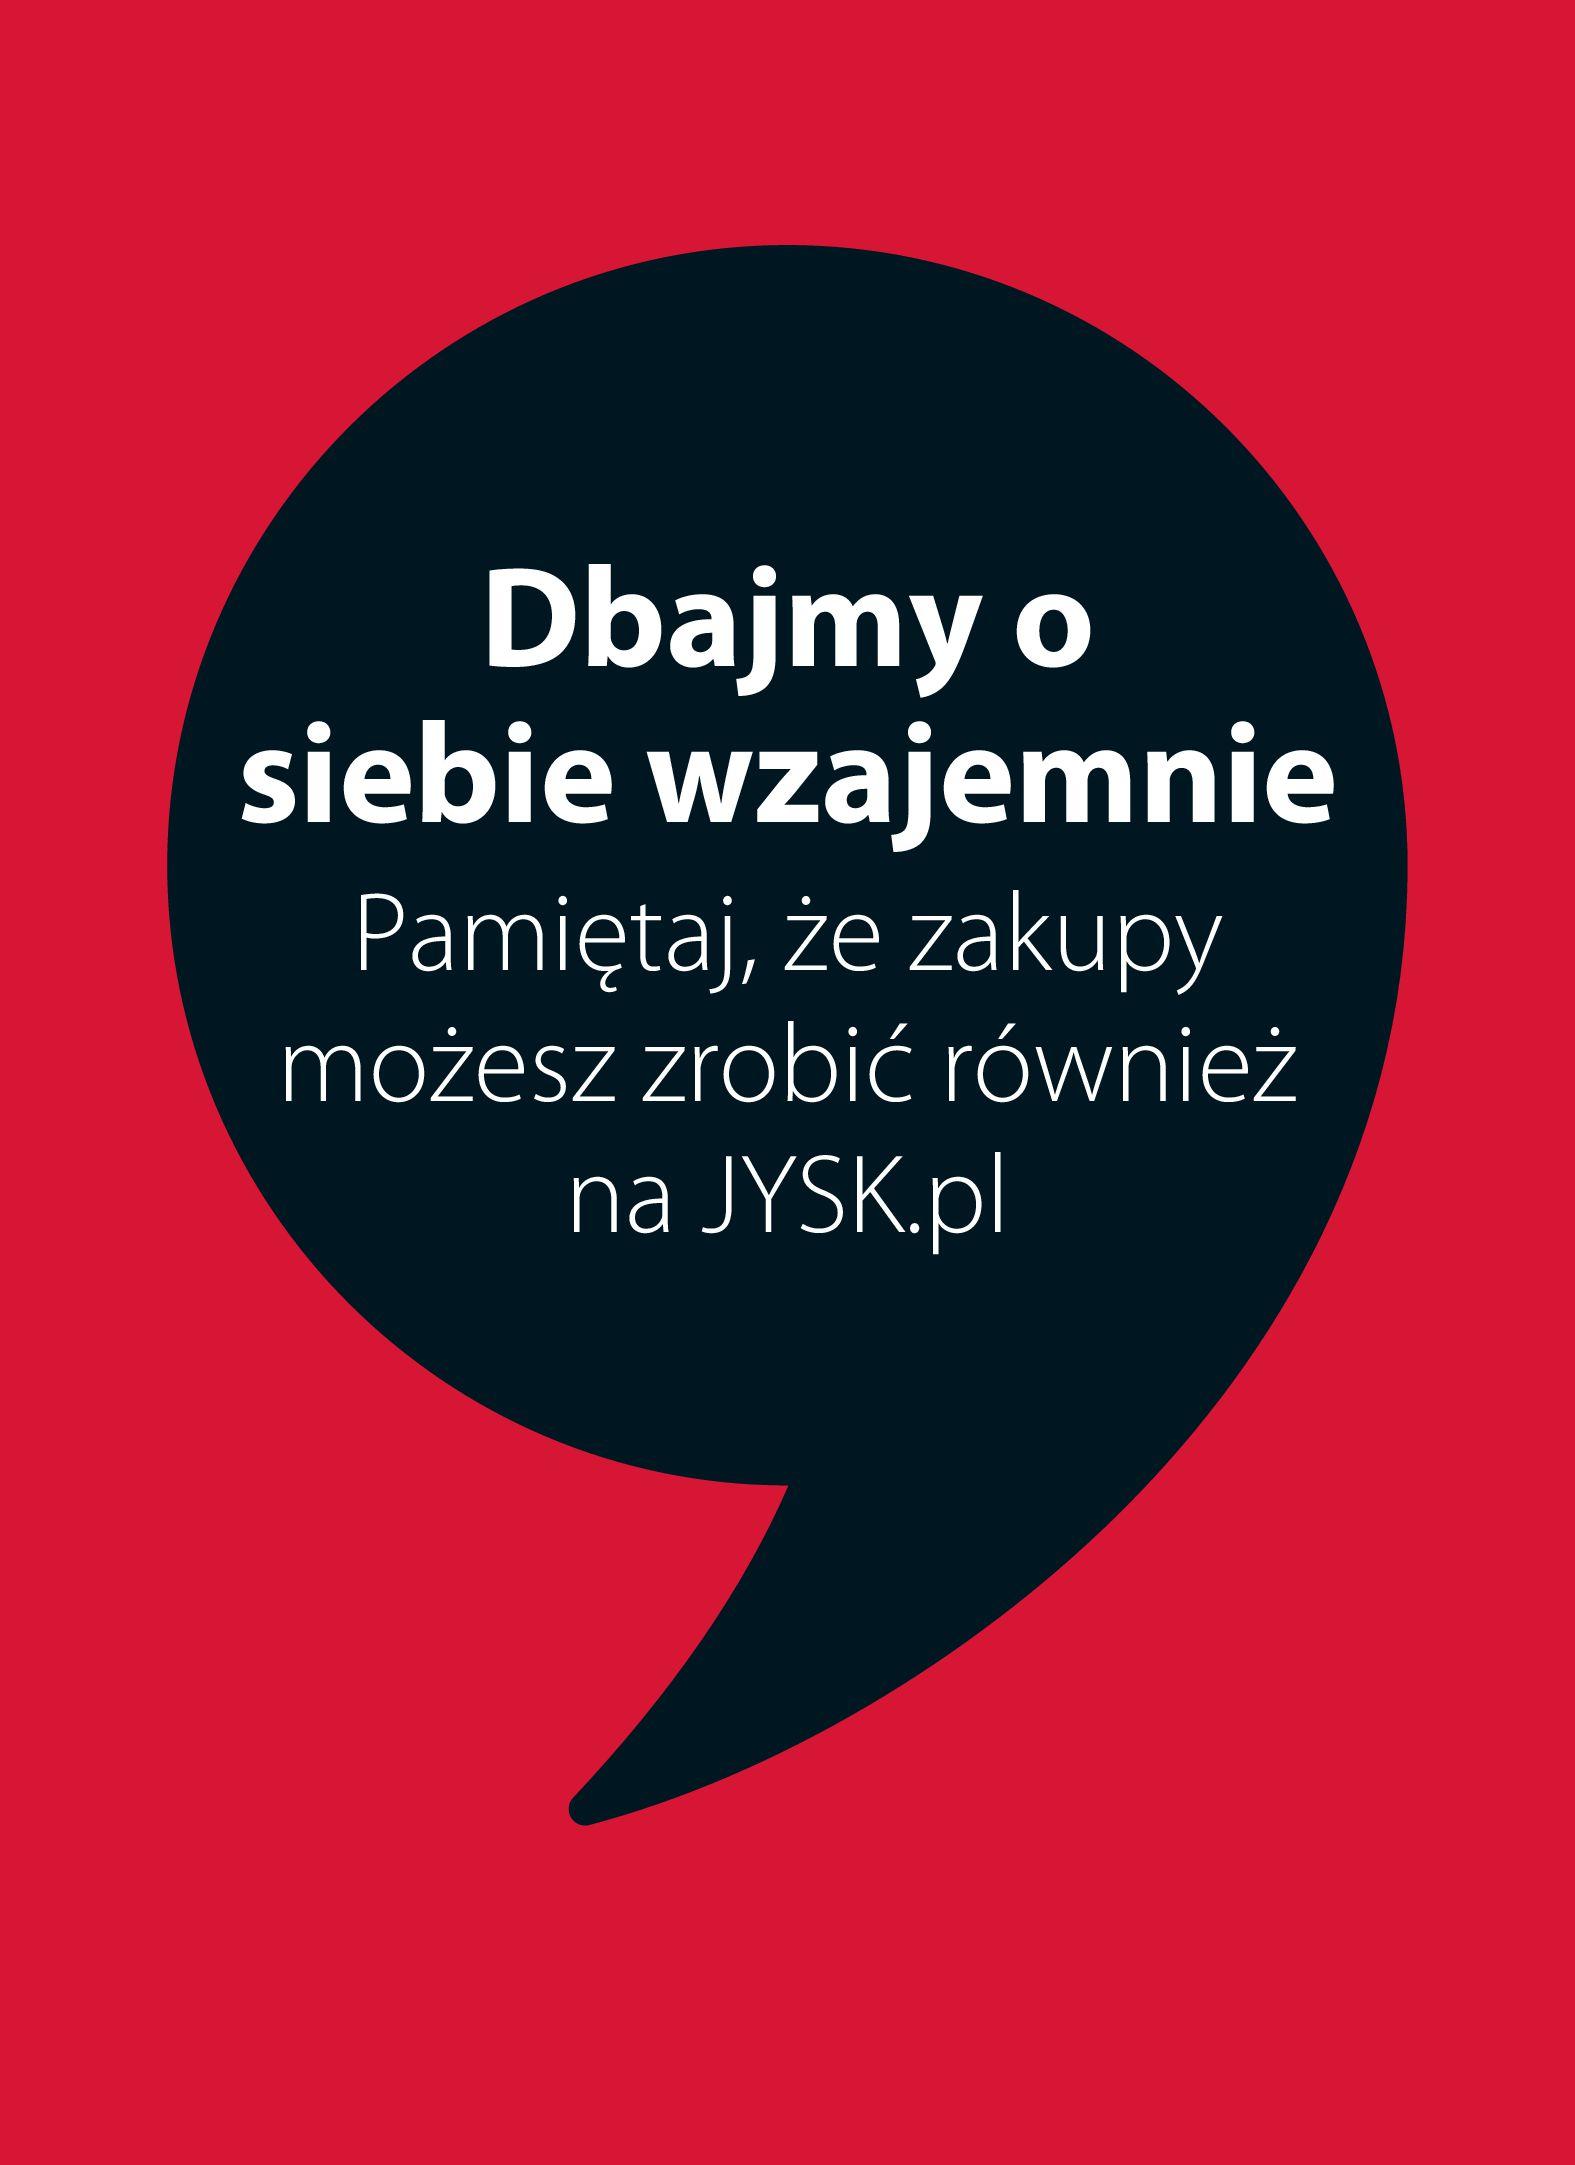 Jysk:  Gazetka Jysk - 14-27.07 13.07.2021